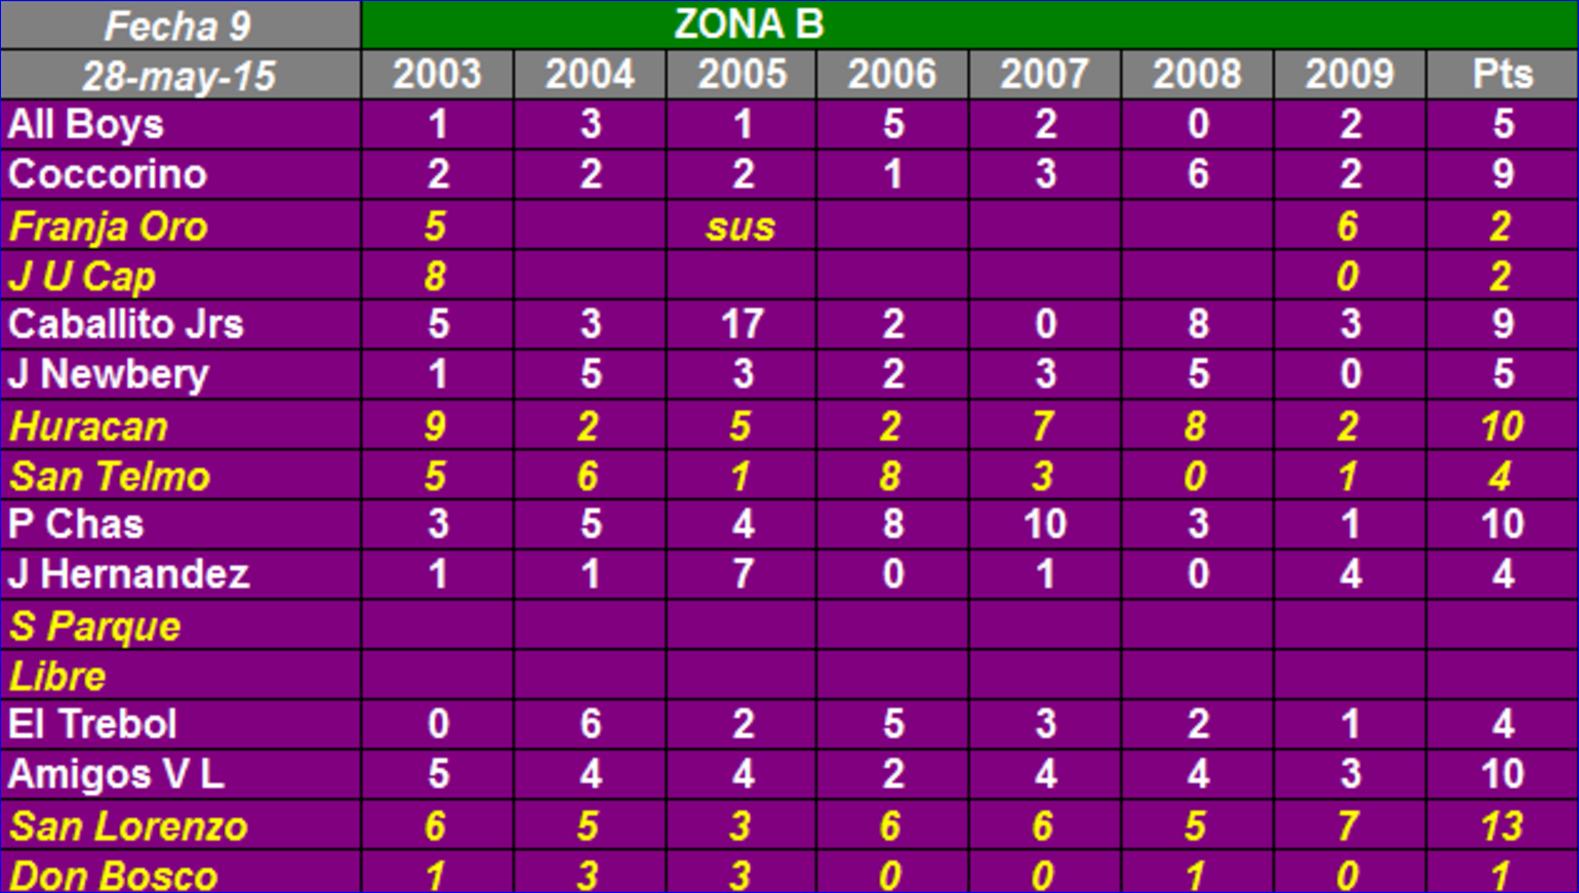 Copa De Plata B Resultados Y Tablas De Posiciones De La: All Boys Pasion Del Oeste: ALL BOYS BABY FUTBOL FAFI ZONA